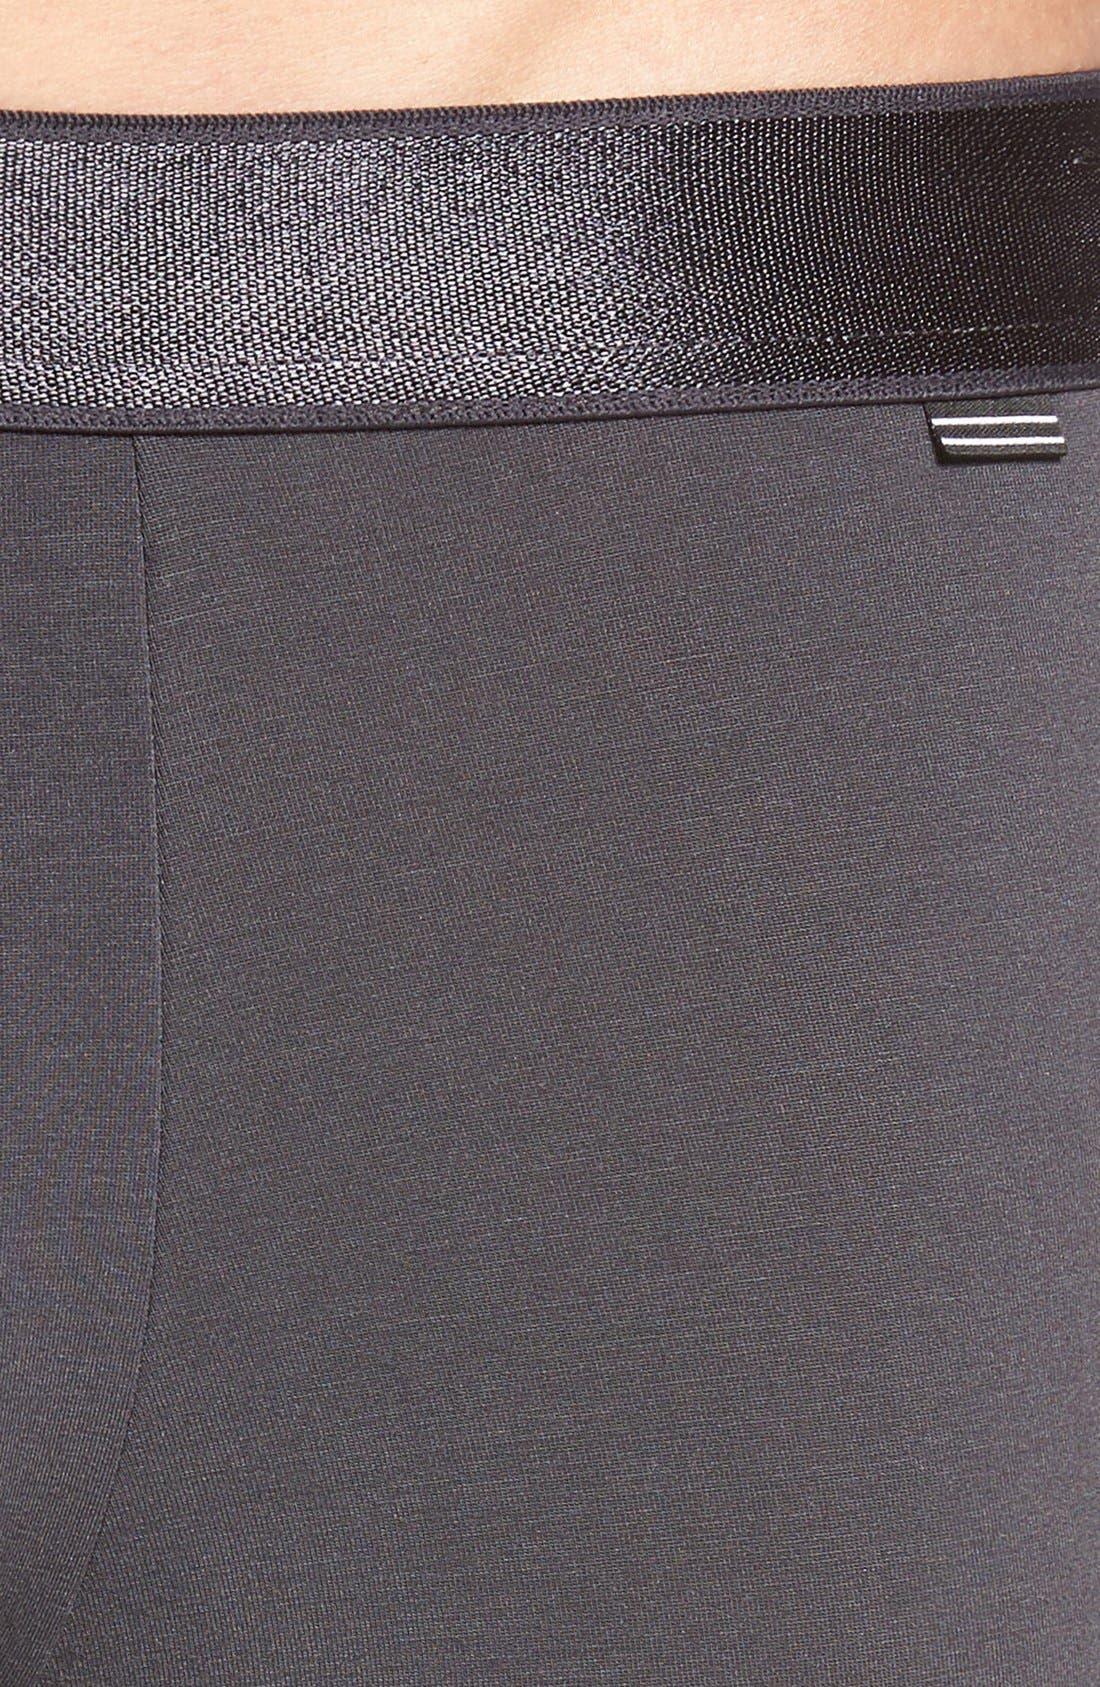 Micromodal Trunks,                             Alternate thumbnail 4, color,                             Graphite Grey